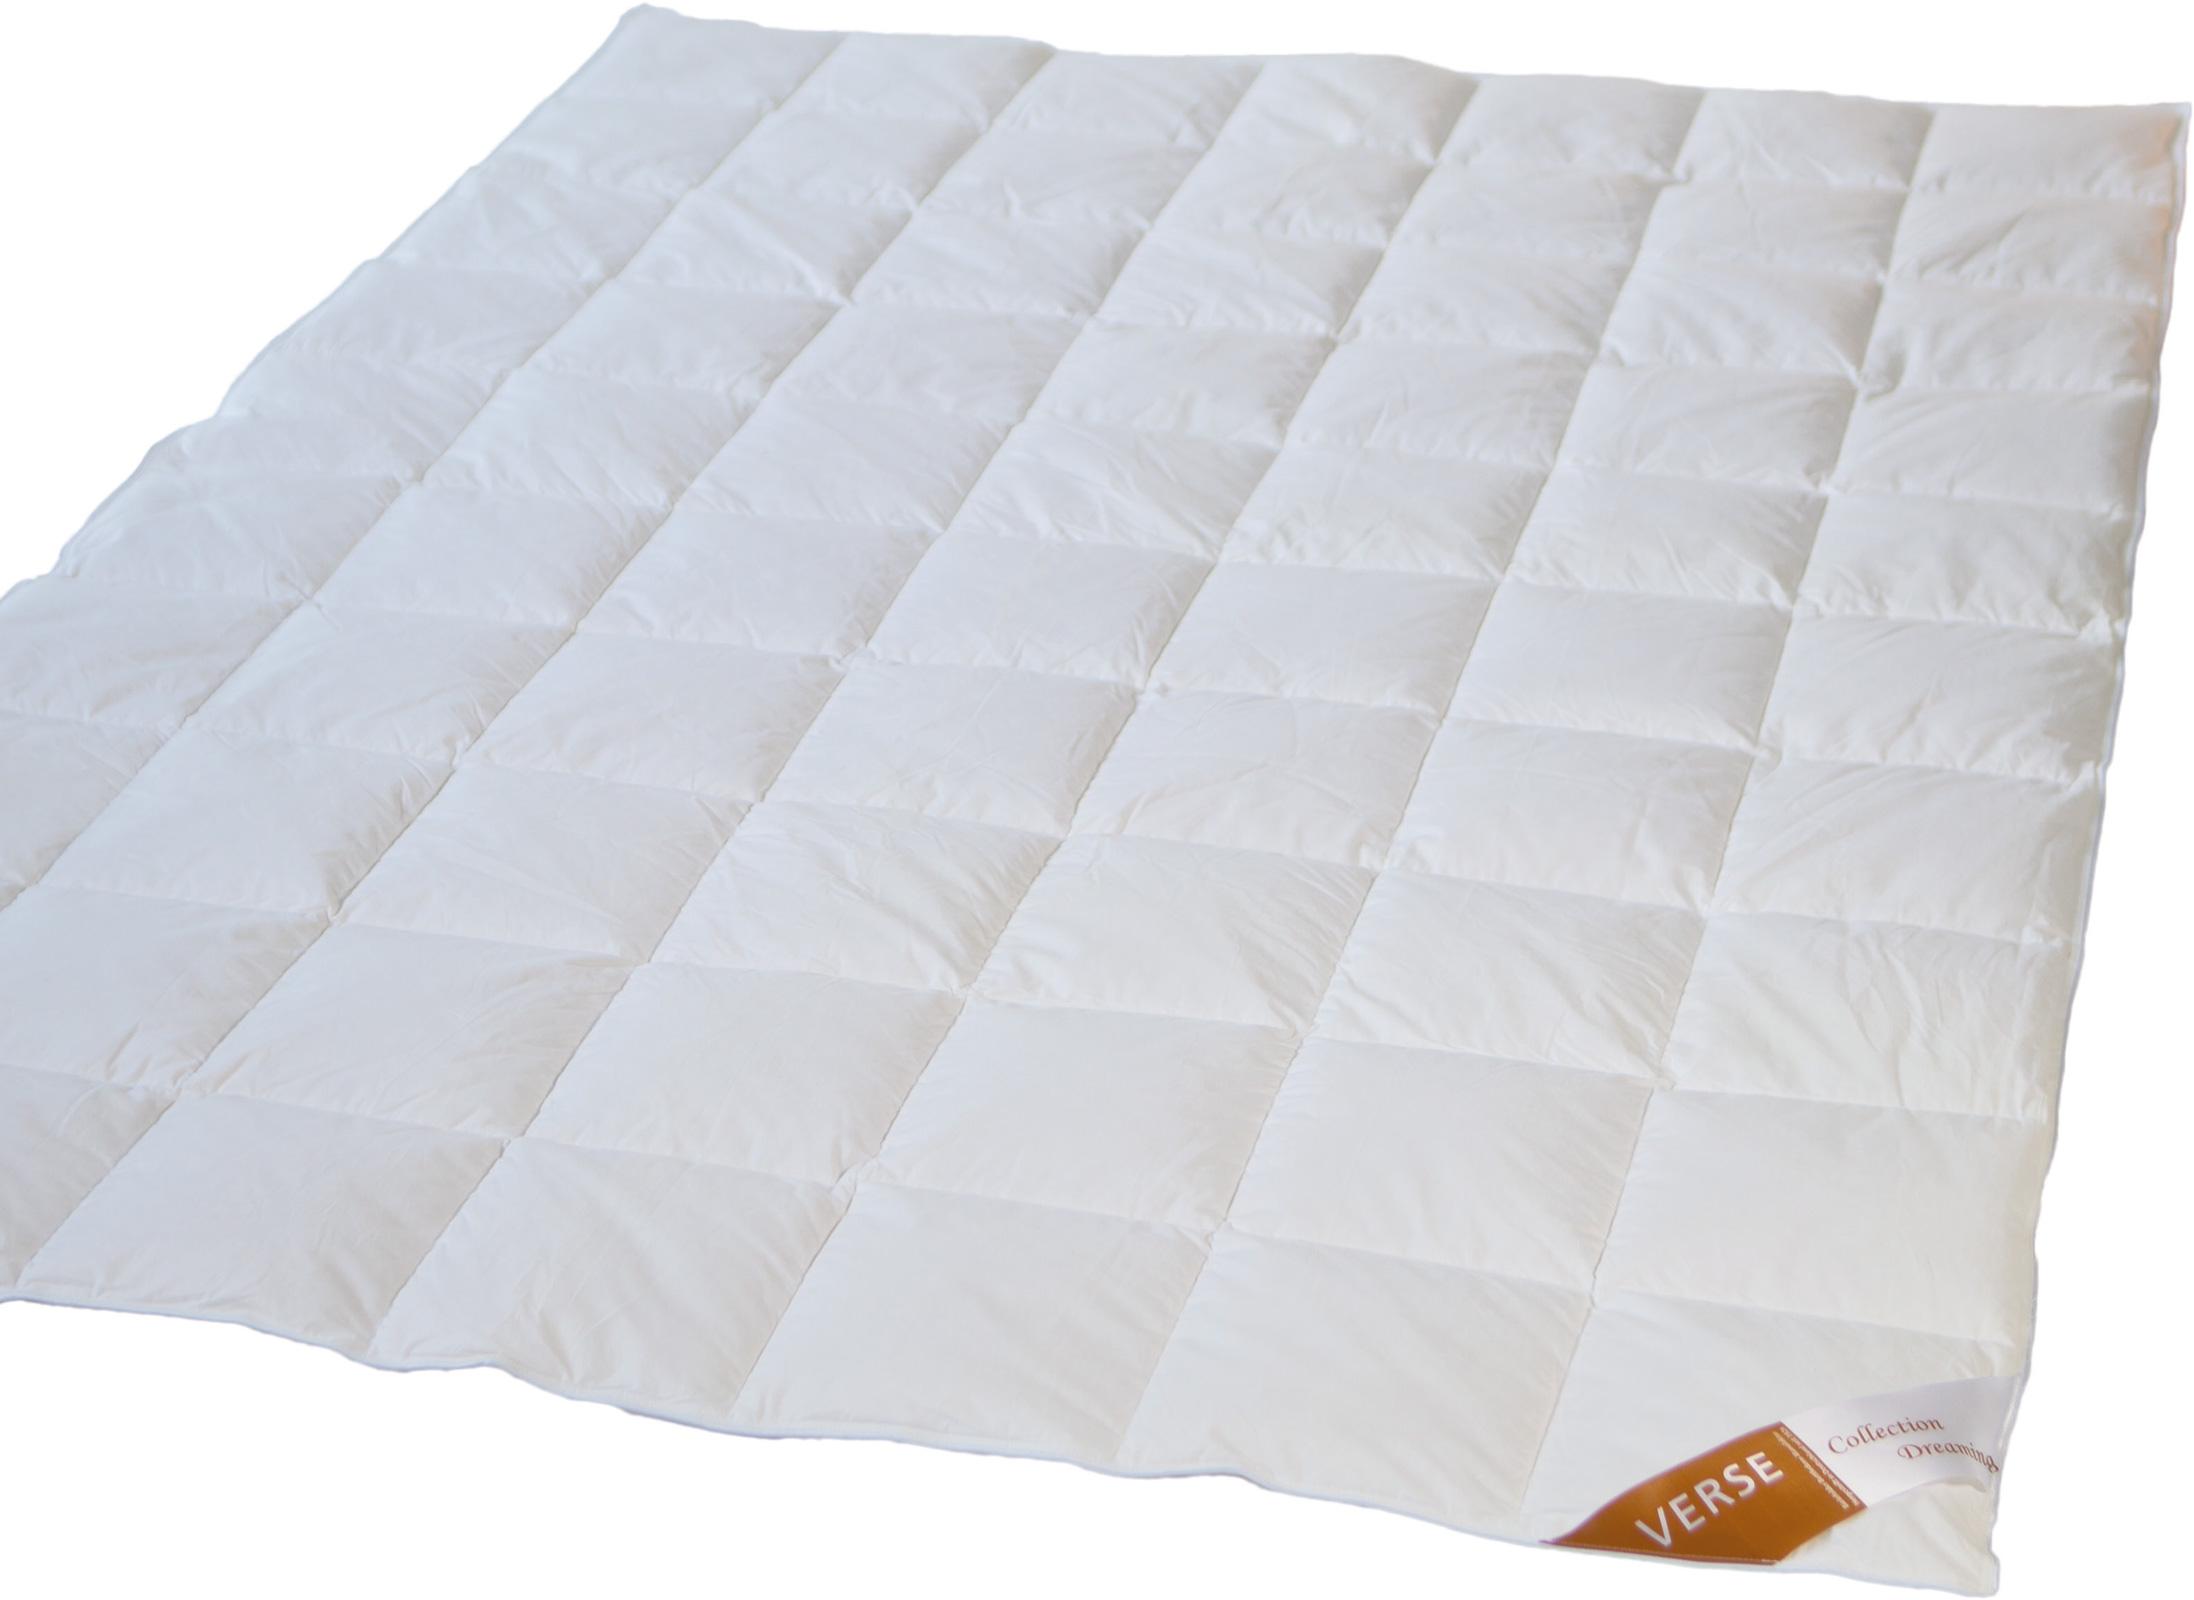 Bettdecken und Kopfkissen - Sommerdecke Daunen Bettdecke Verse Collection Dreaming 155x220 90 Daune 10 Federn  - Onlineshop PremiumShop321